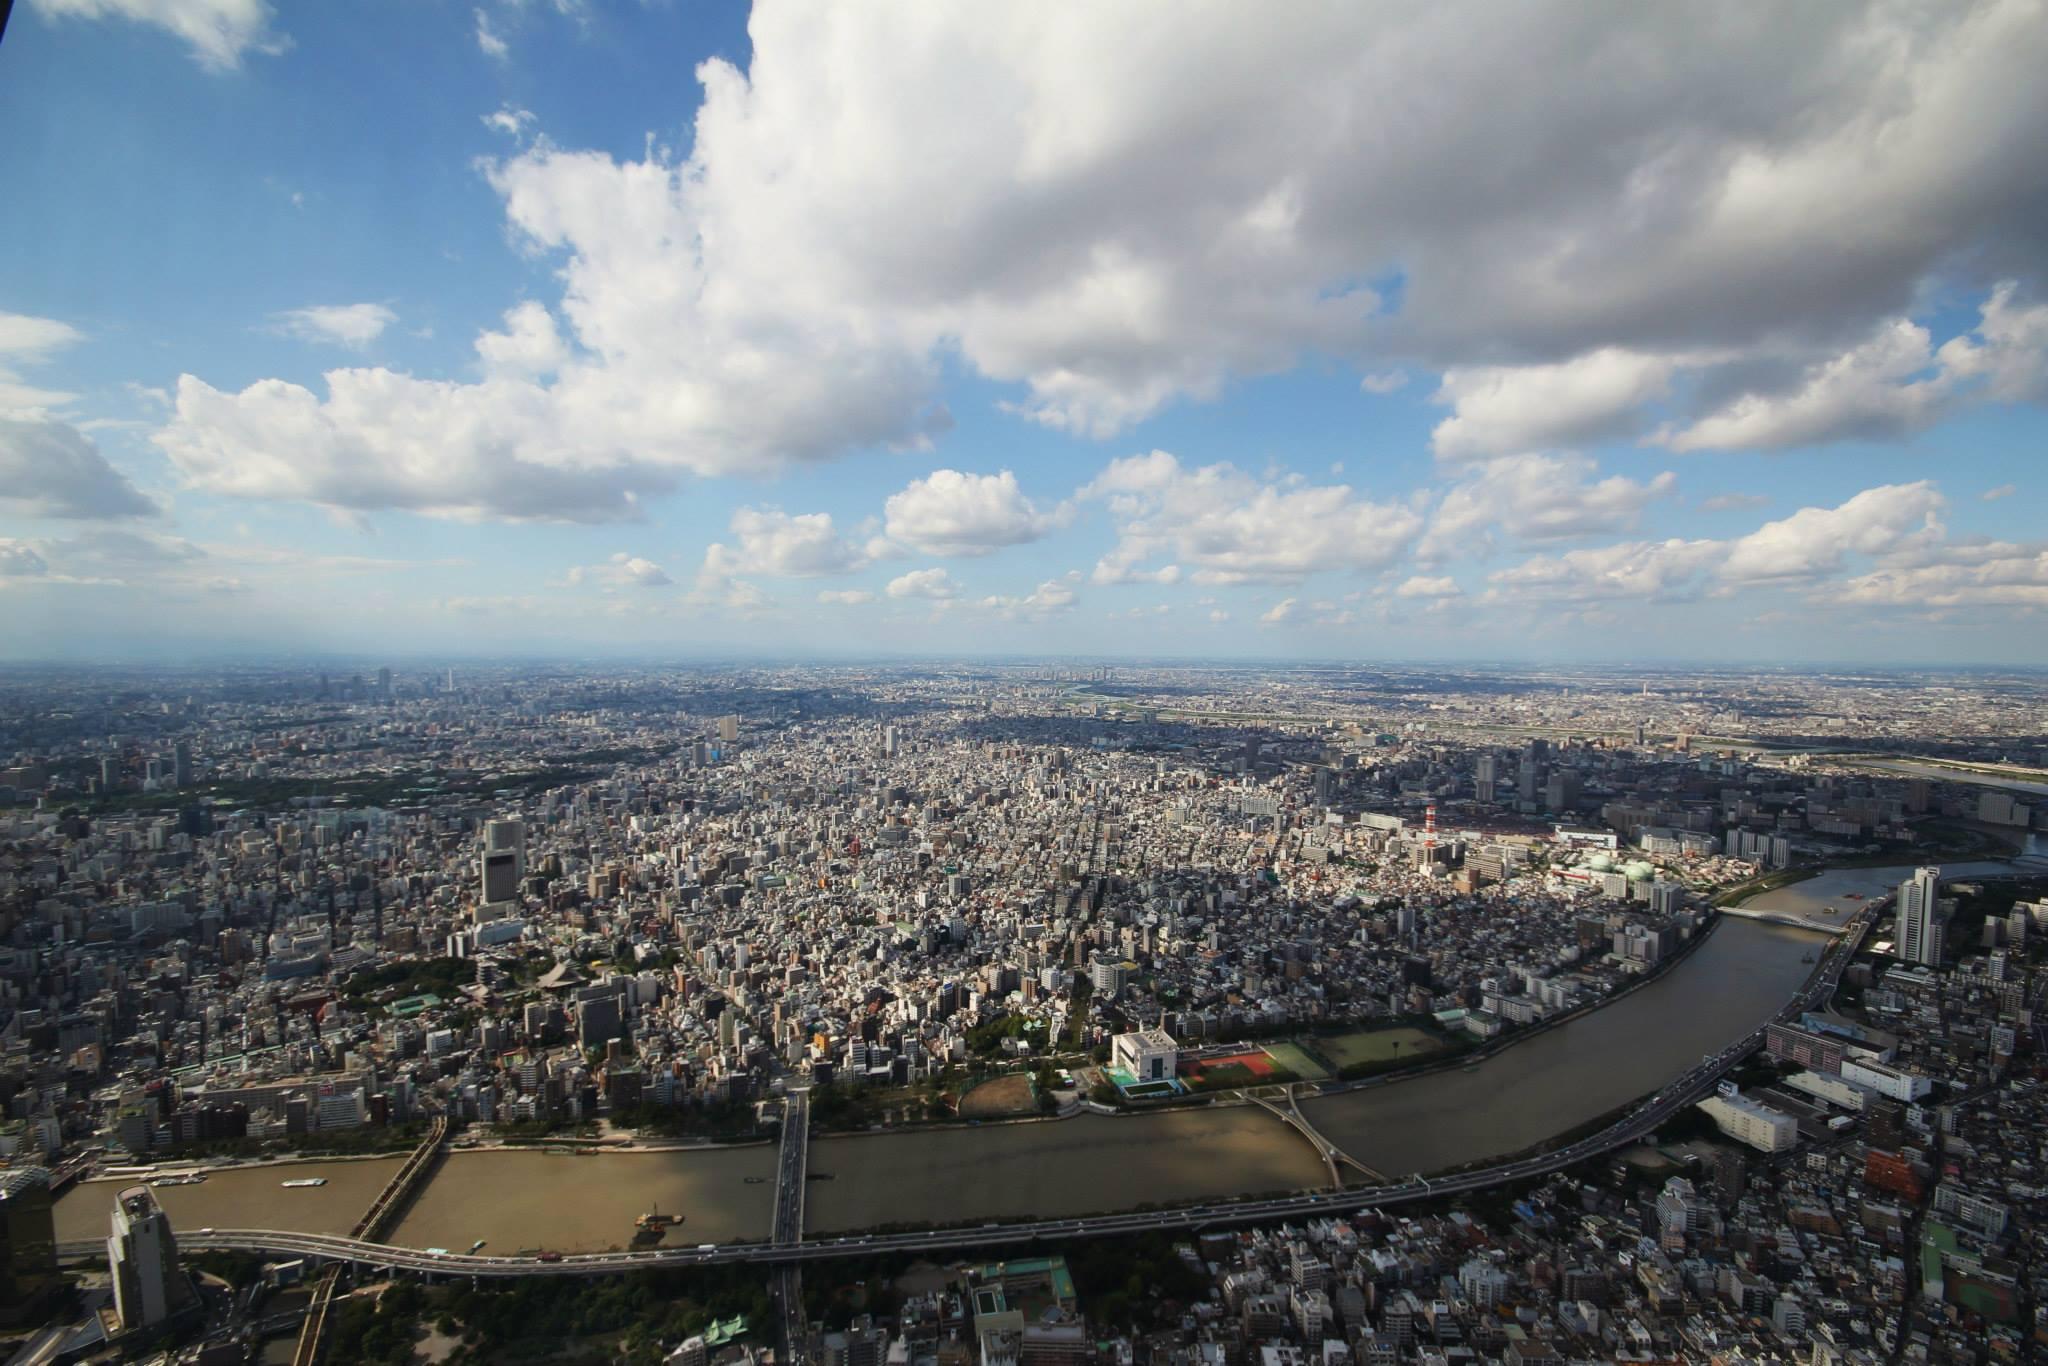 Uitzicht vanaf het tweede deck (450 meter) van de Skytree Tower in Tokio